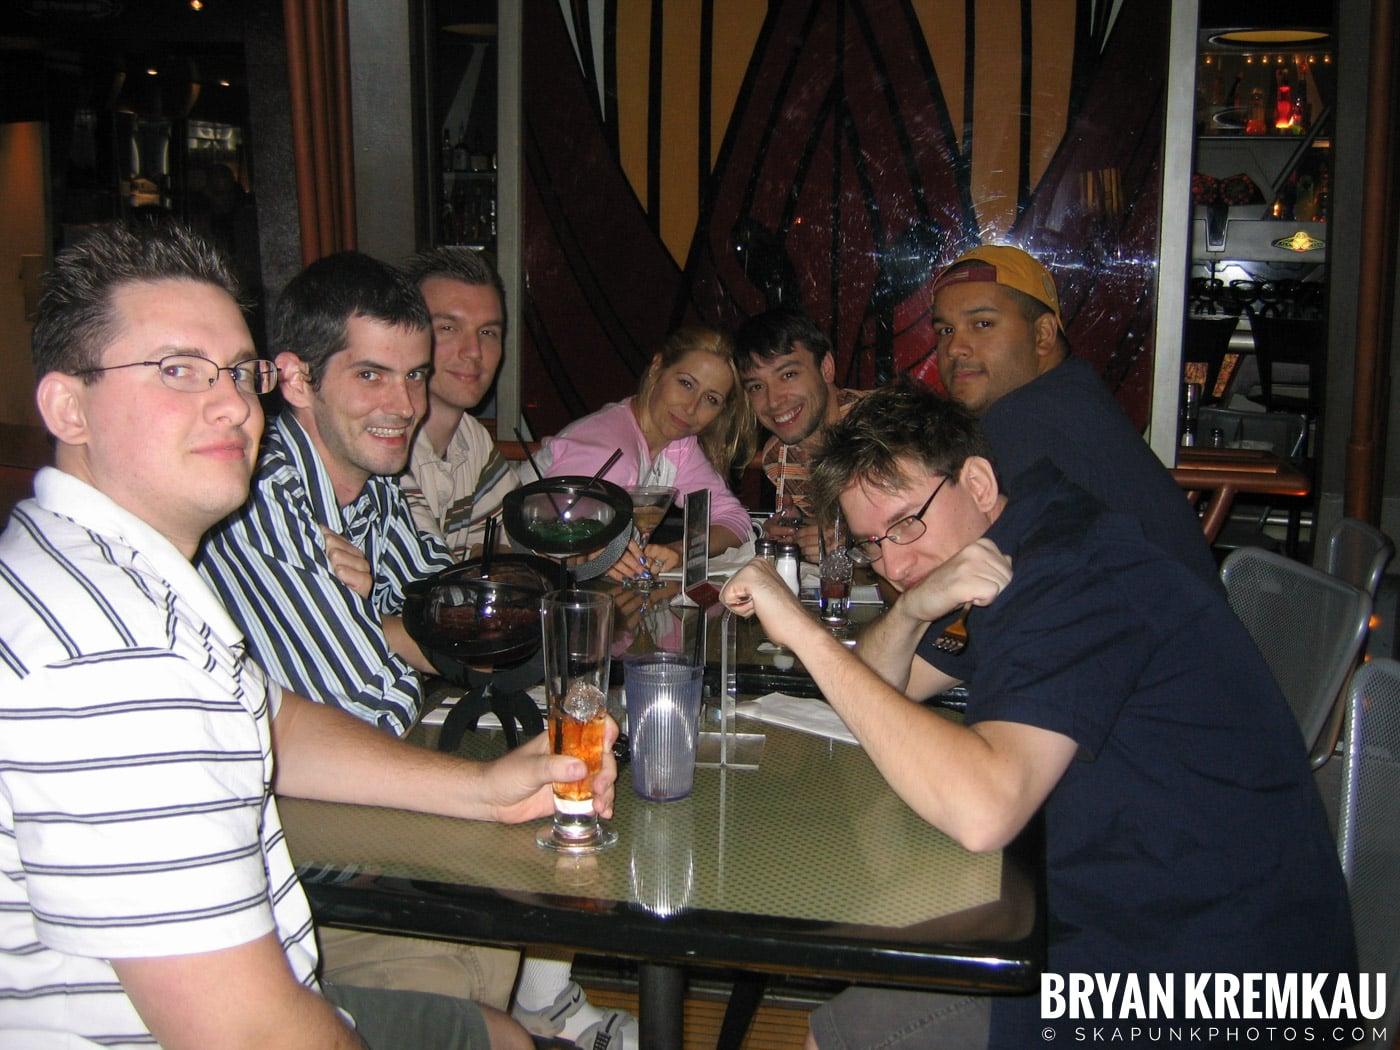 Las Vegas Vacation @ Las Vegas, NV - 10.21.05 - 10.23.05 (40)